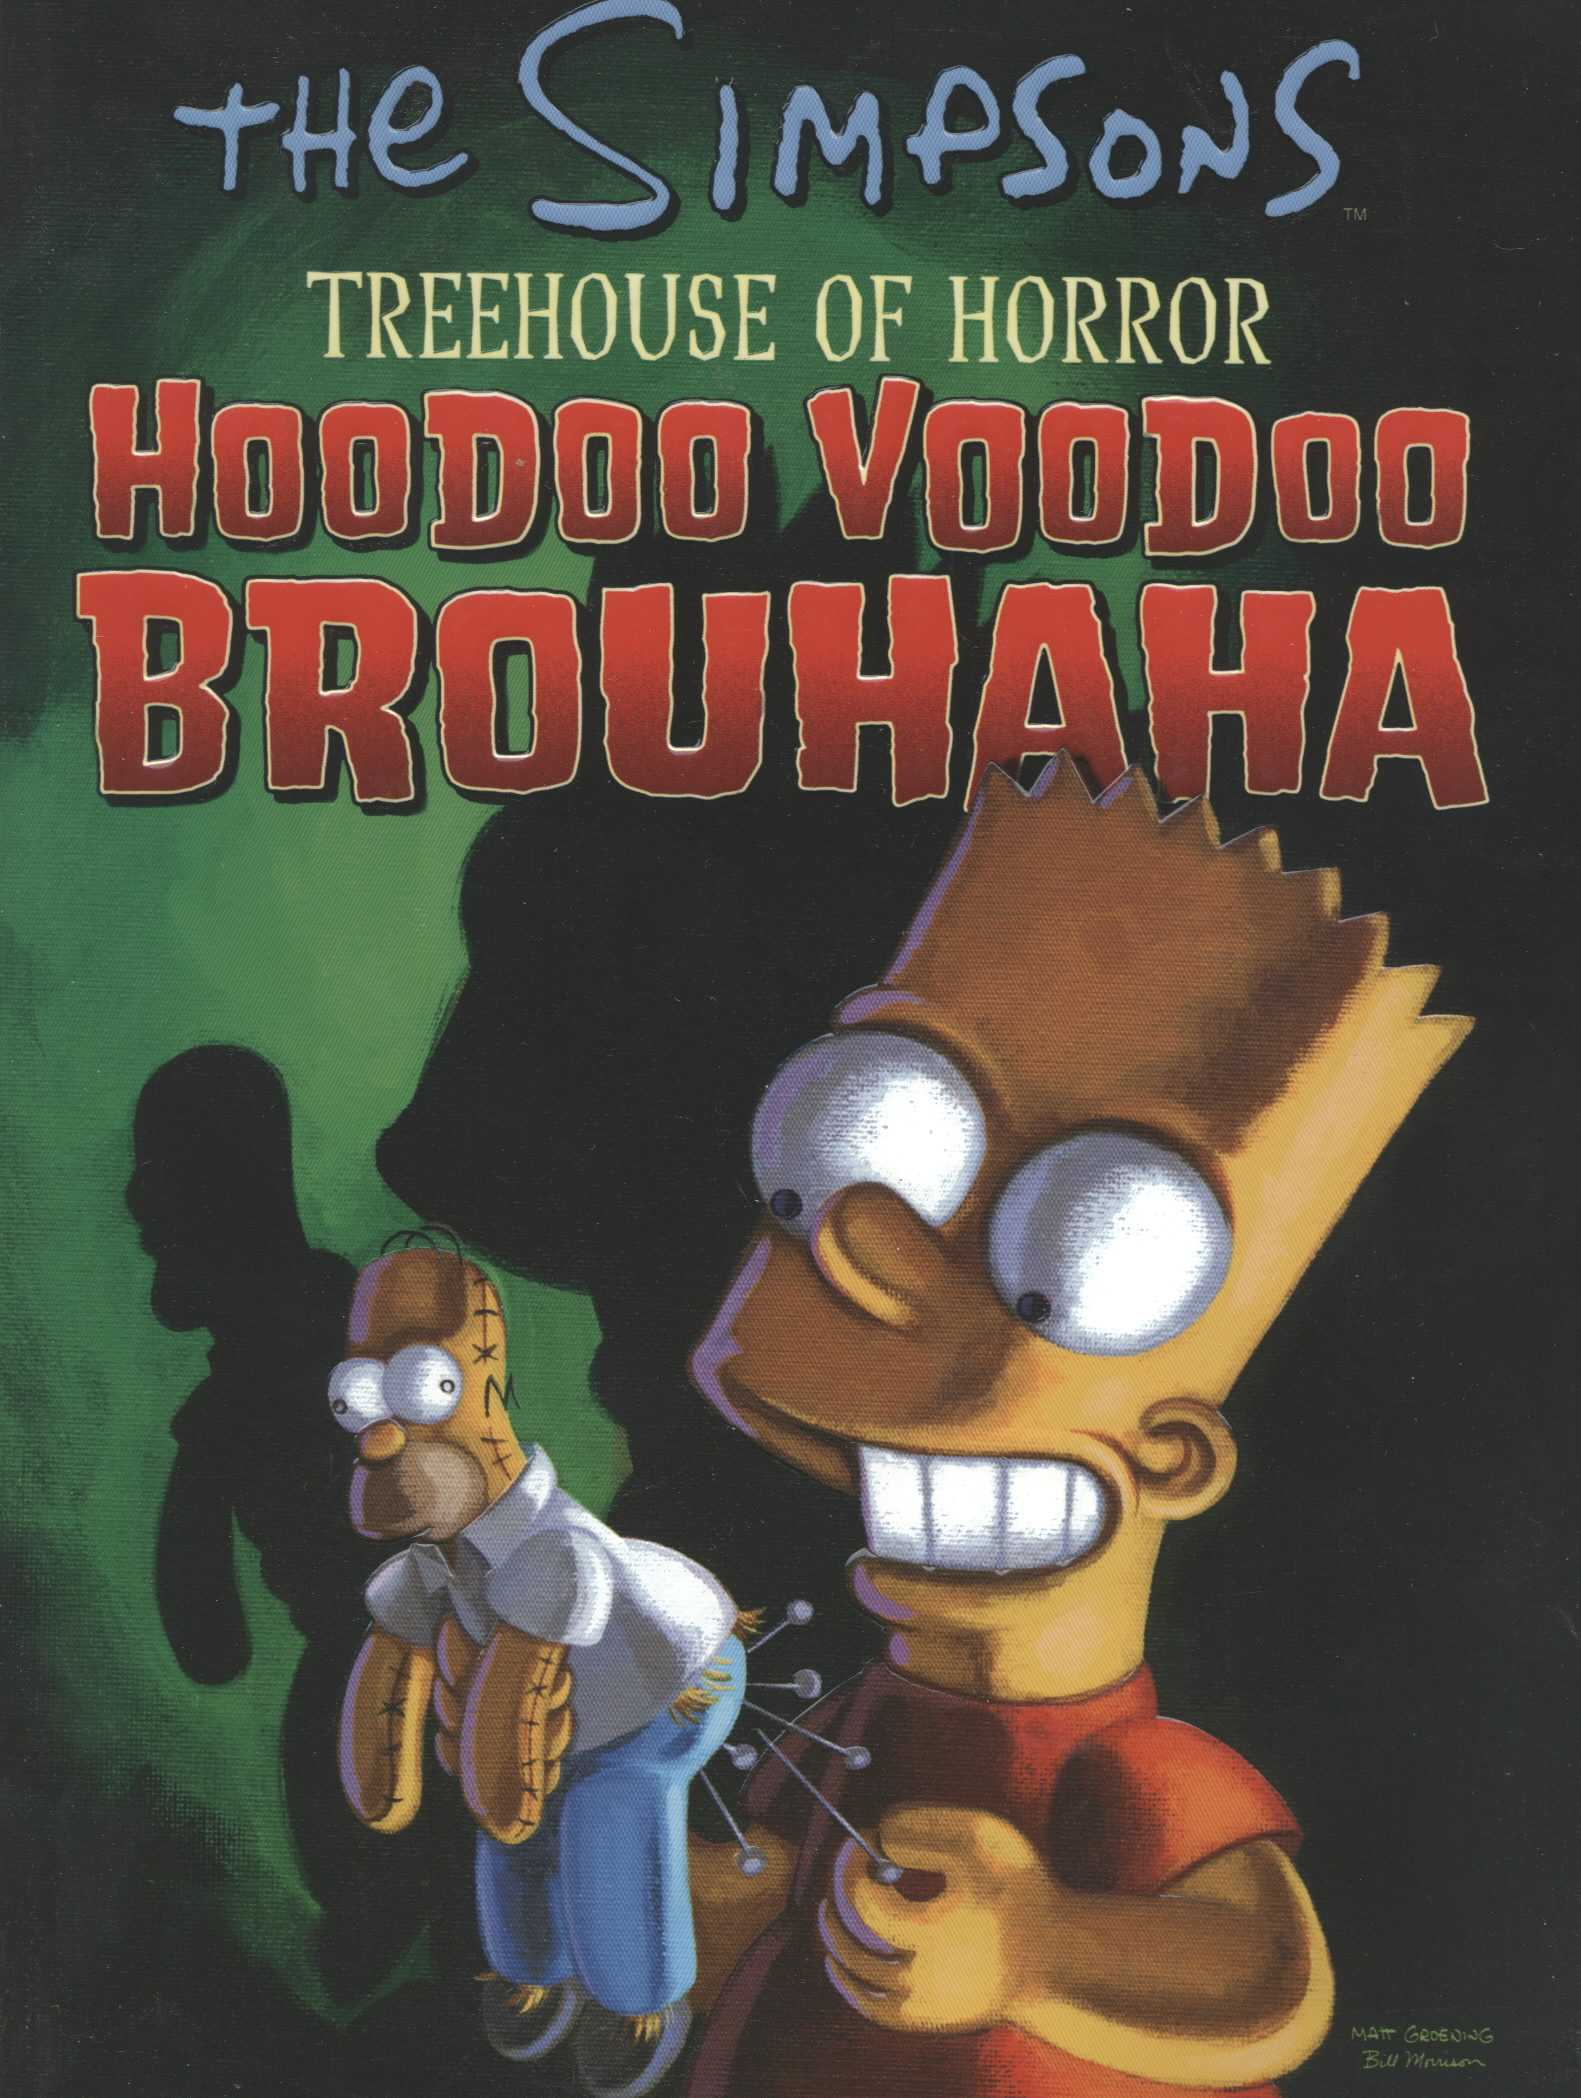 Simpsons Treehouse of Horror: Hoodoo Voodoo Brouhaha (Paperback)